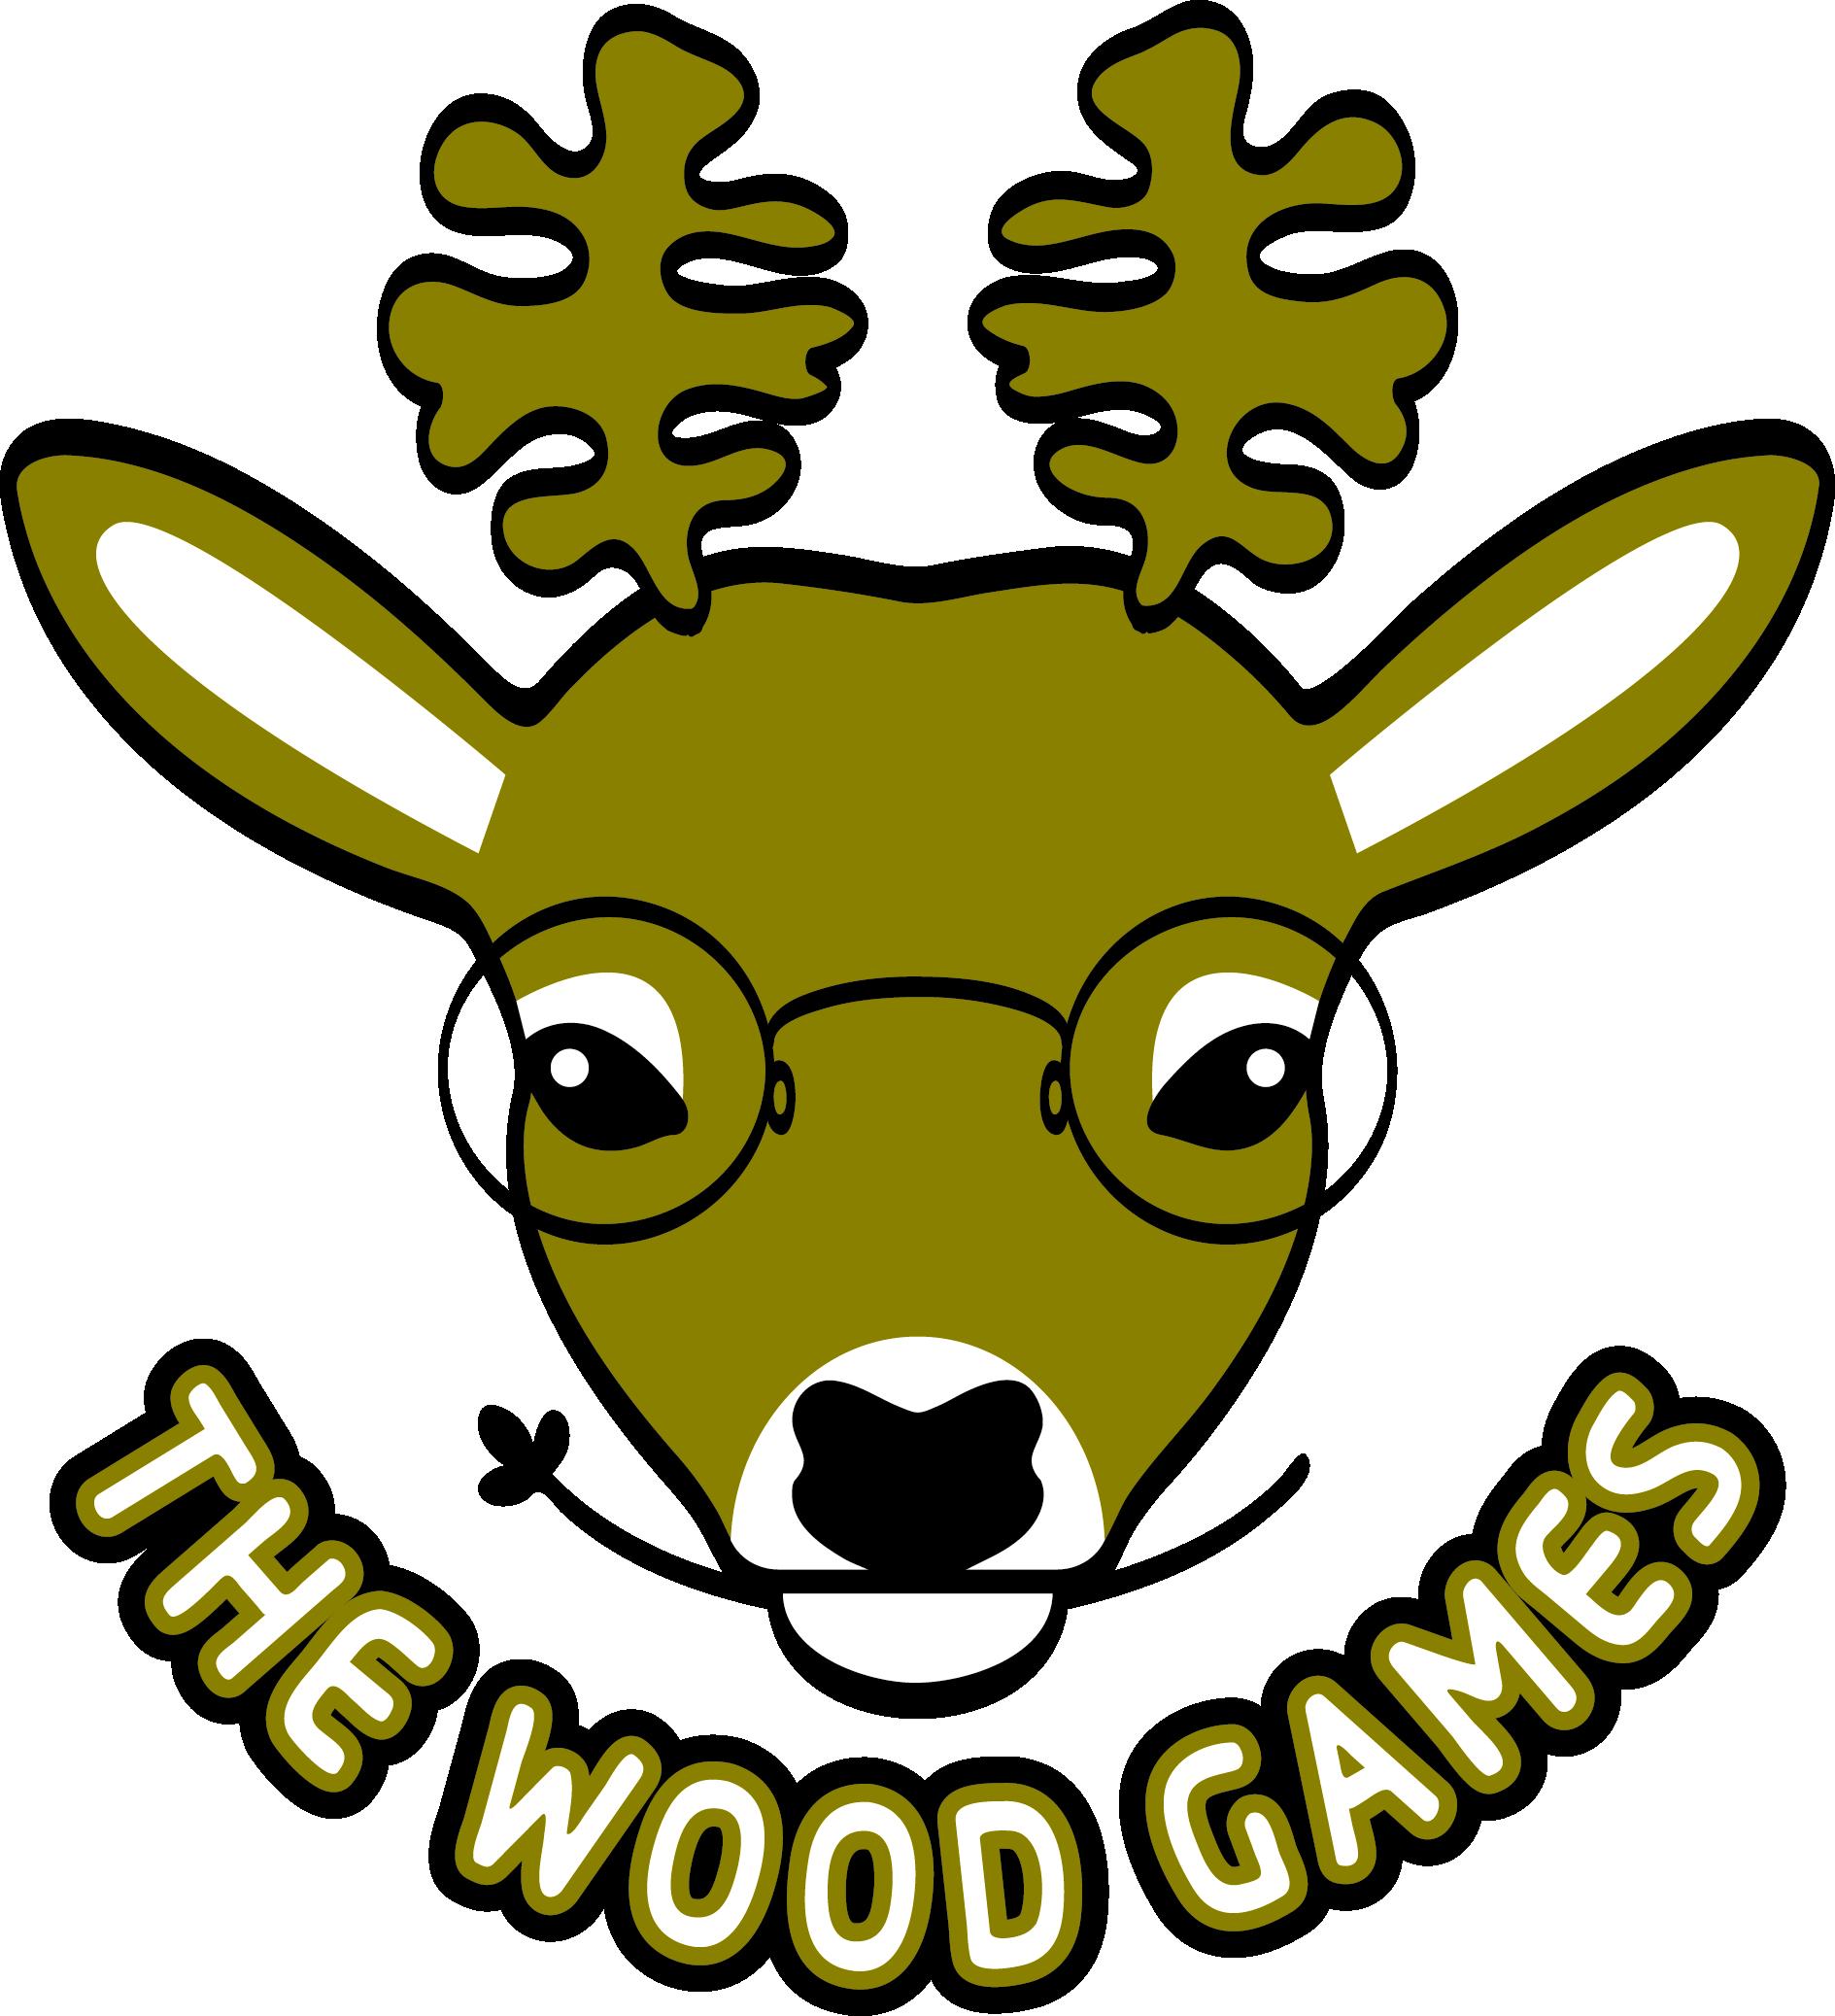 此木創遊 The Wood Games画像